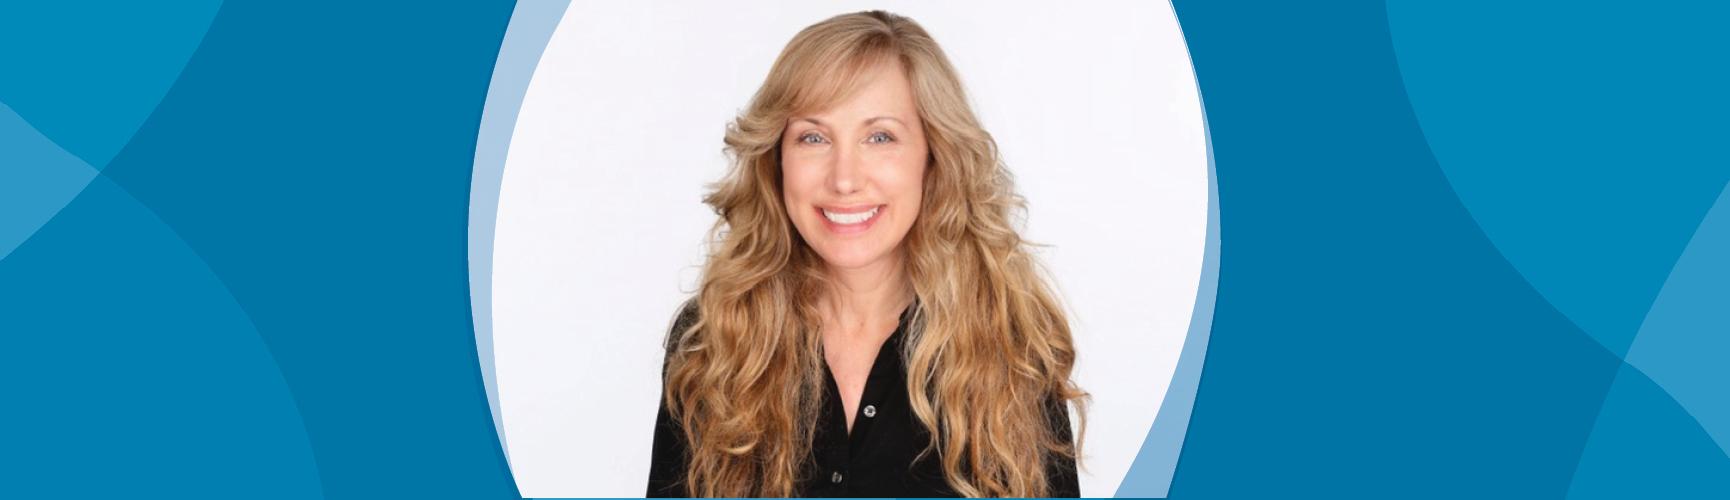 Headshot of Moira Welsh